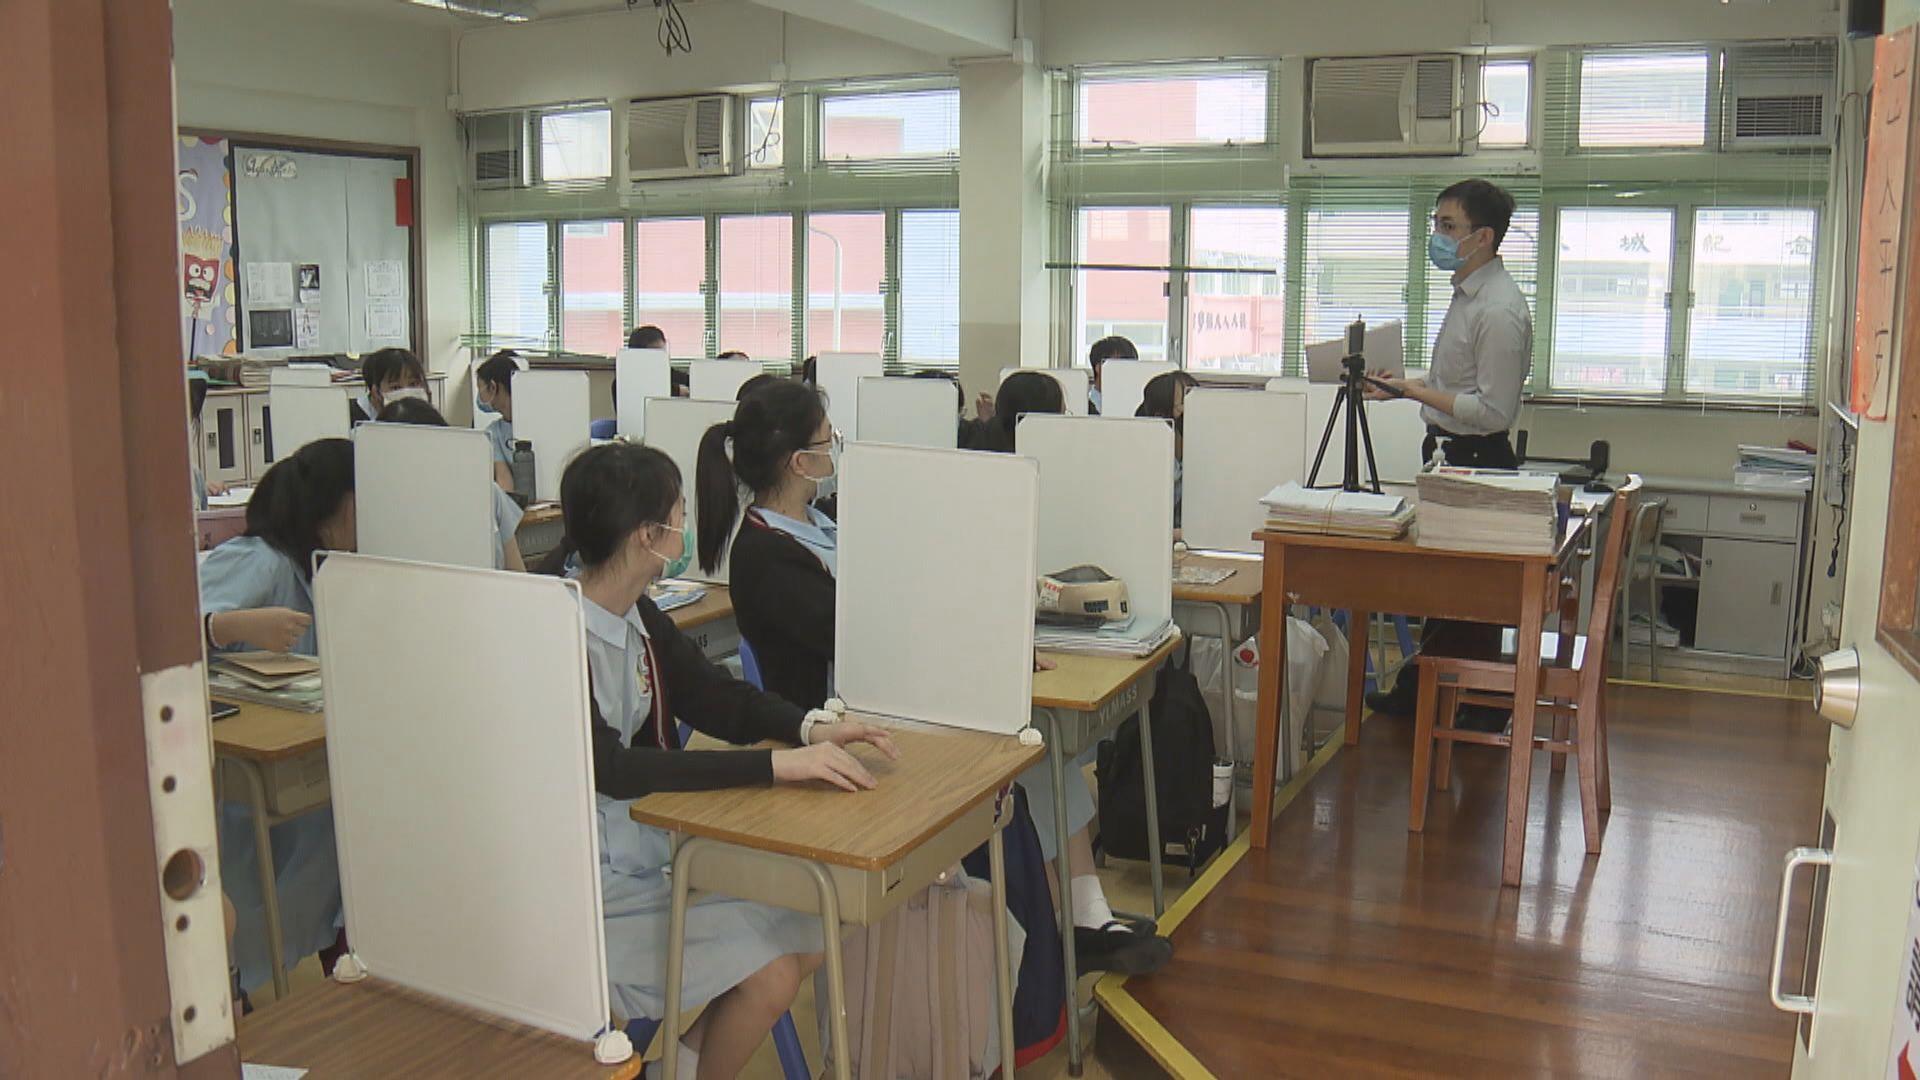 張勇邦:教育局最新面授課安排目的為私校提供自救選項